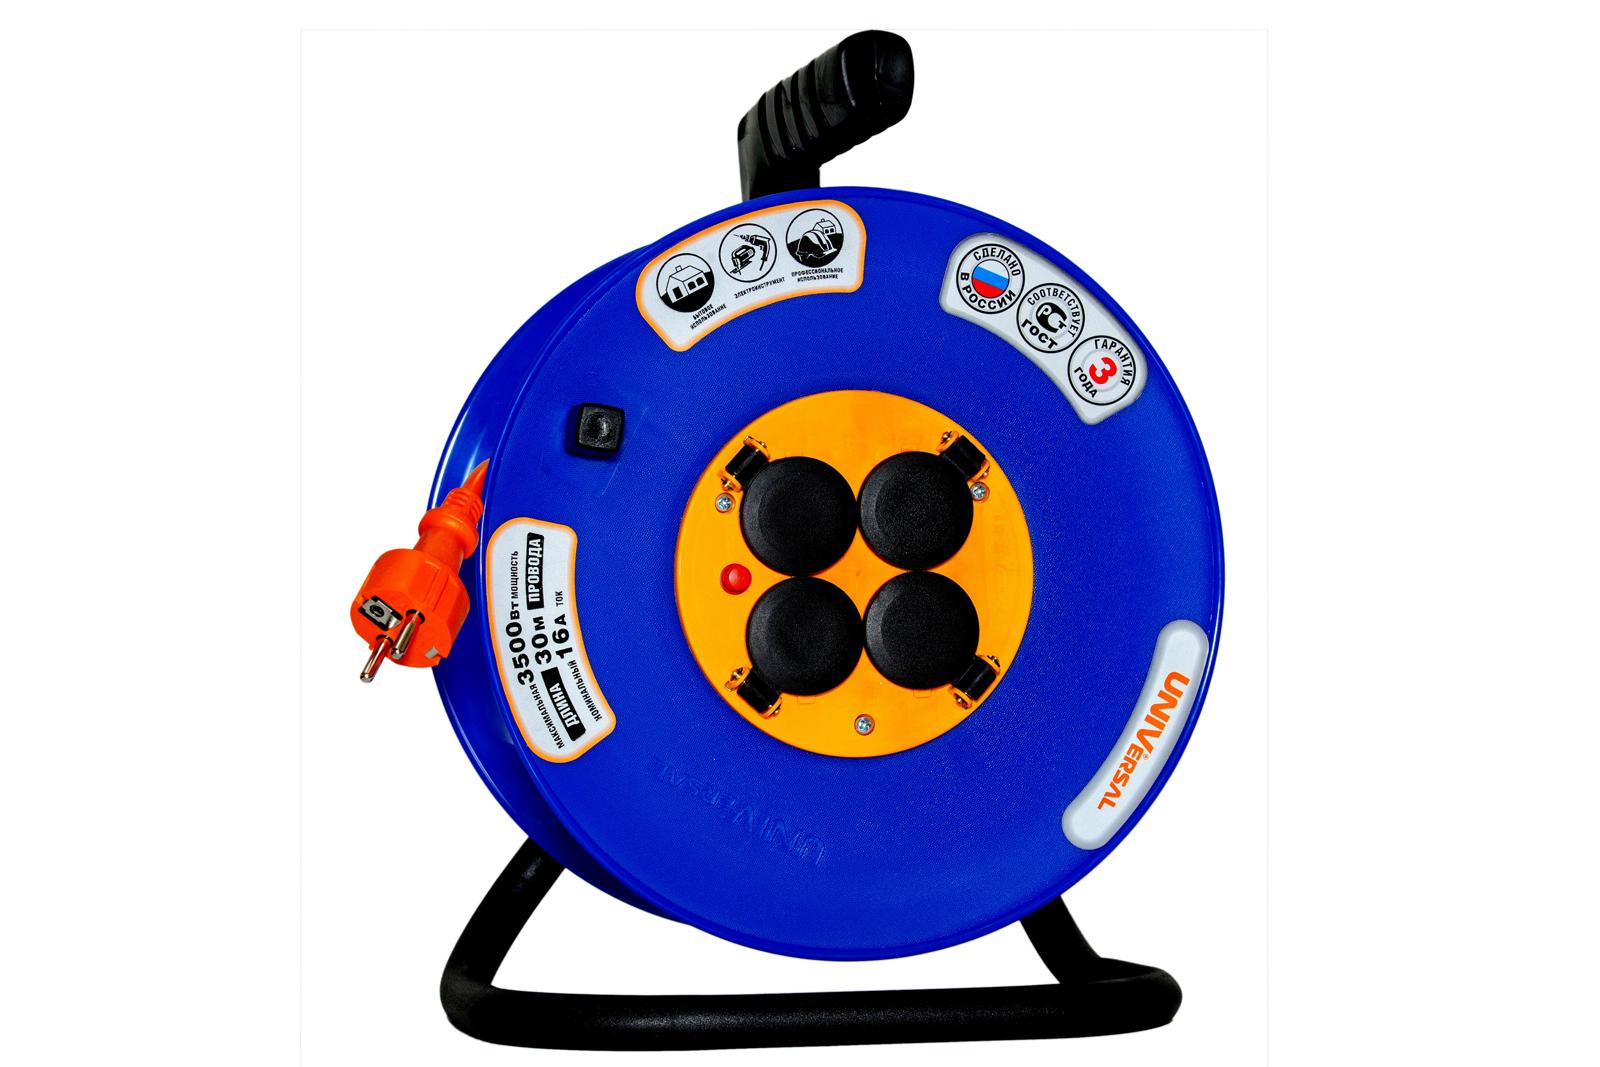 Удлинитель Universal ВЕМ-250 ip-44 термо ПВС 3*1,5 4гнезда 30м силовой удлинитель universal вем 250 термо пвс 2 0 75 20м 9634146